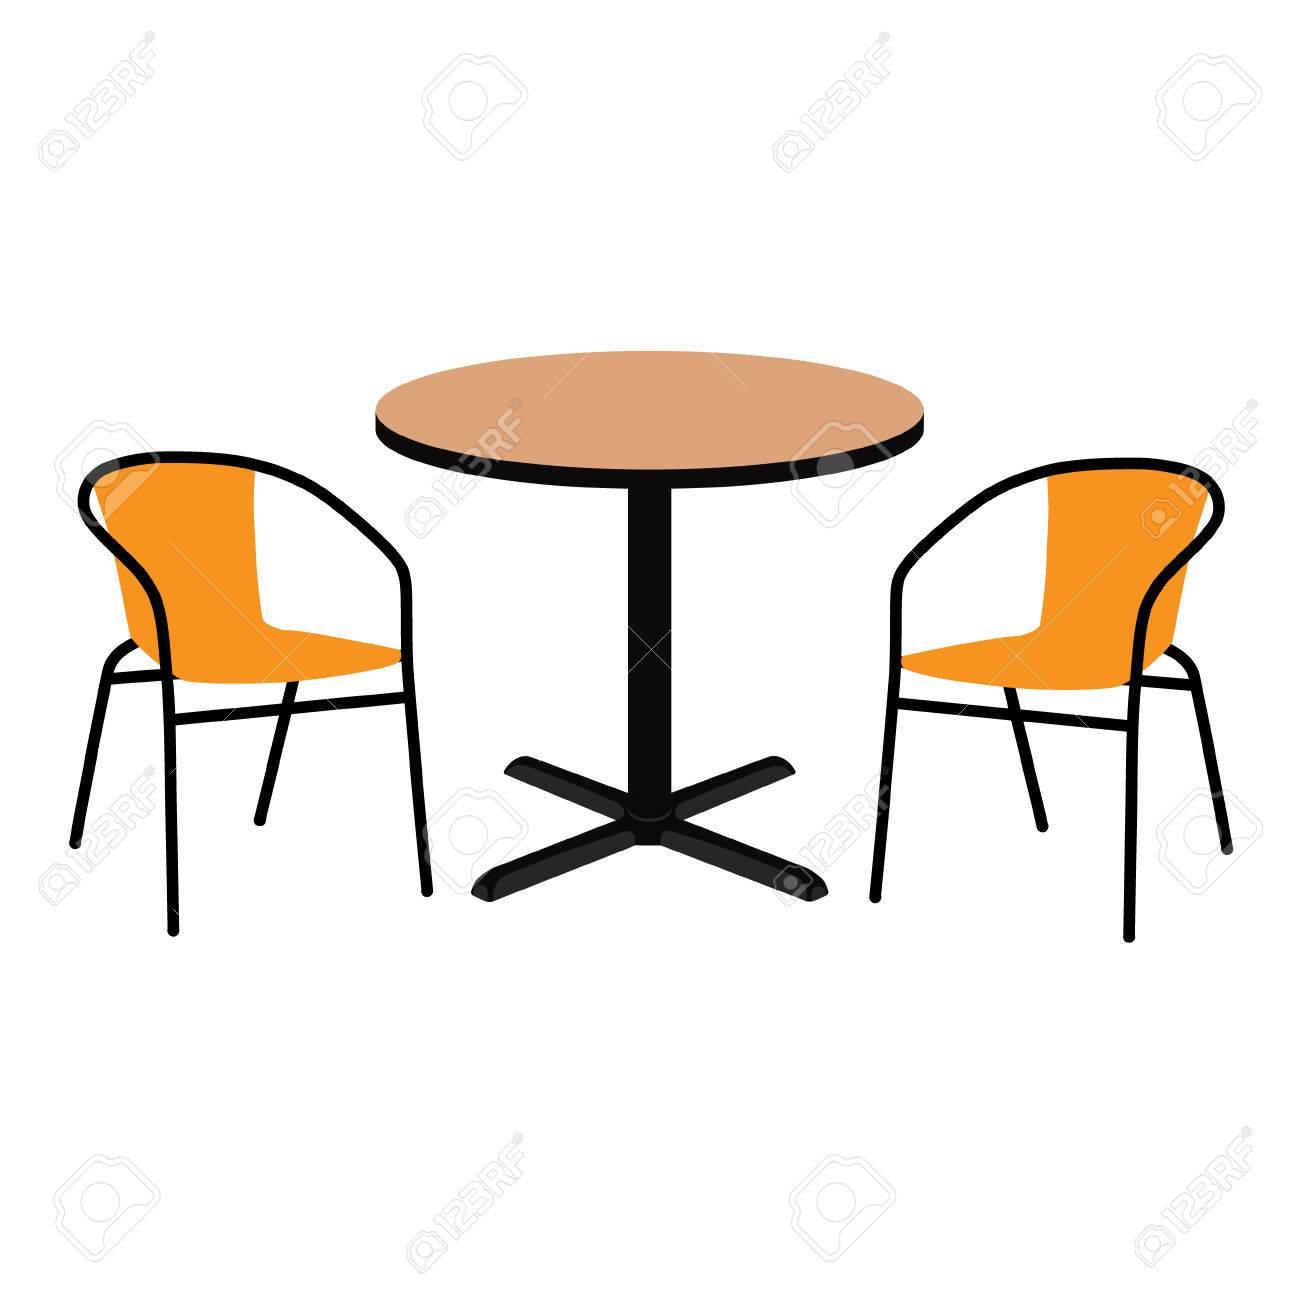 Tavoli E Sedie In Legno Per Esterno.Immagini Stock Raster Illustrazione Tavolo Esterno In Legno E Due